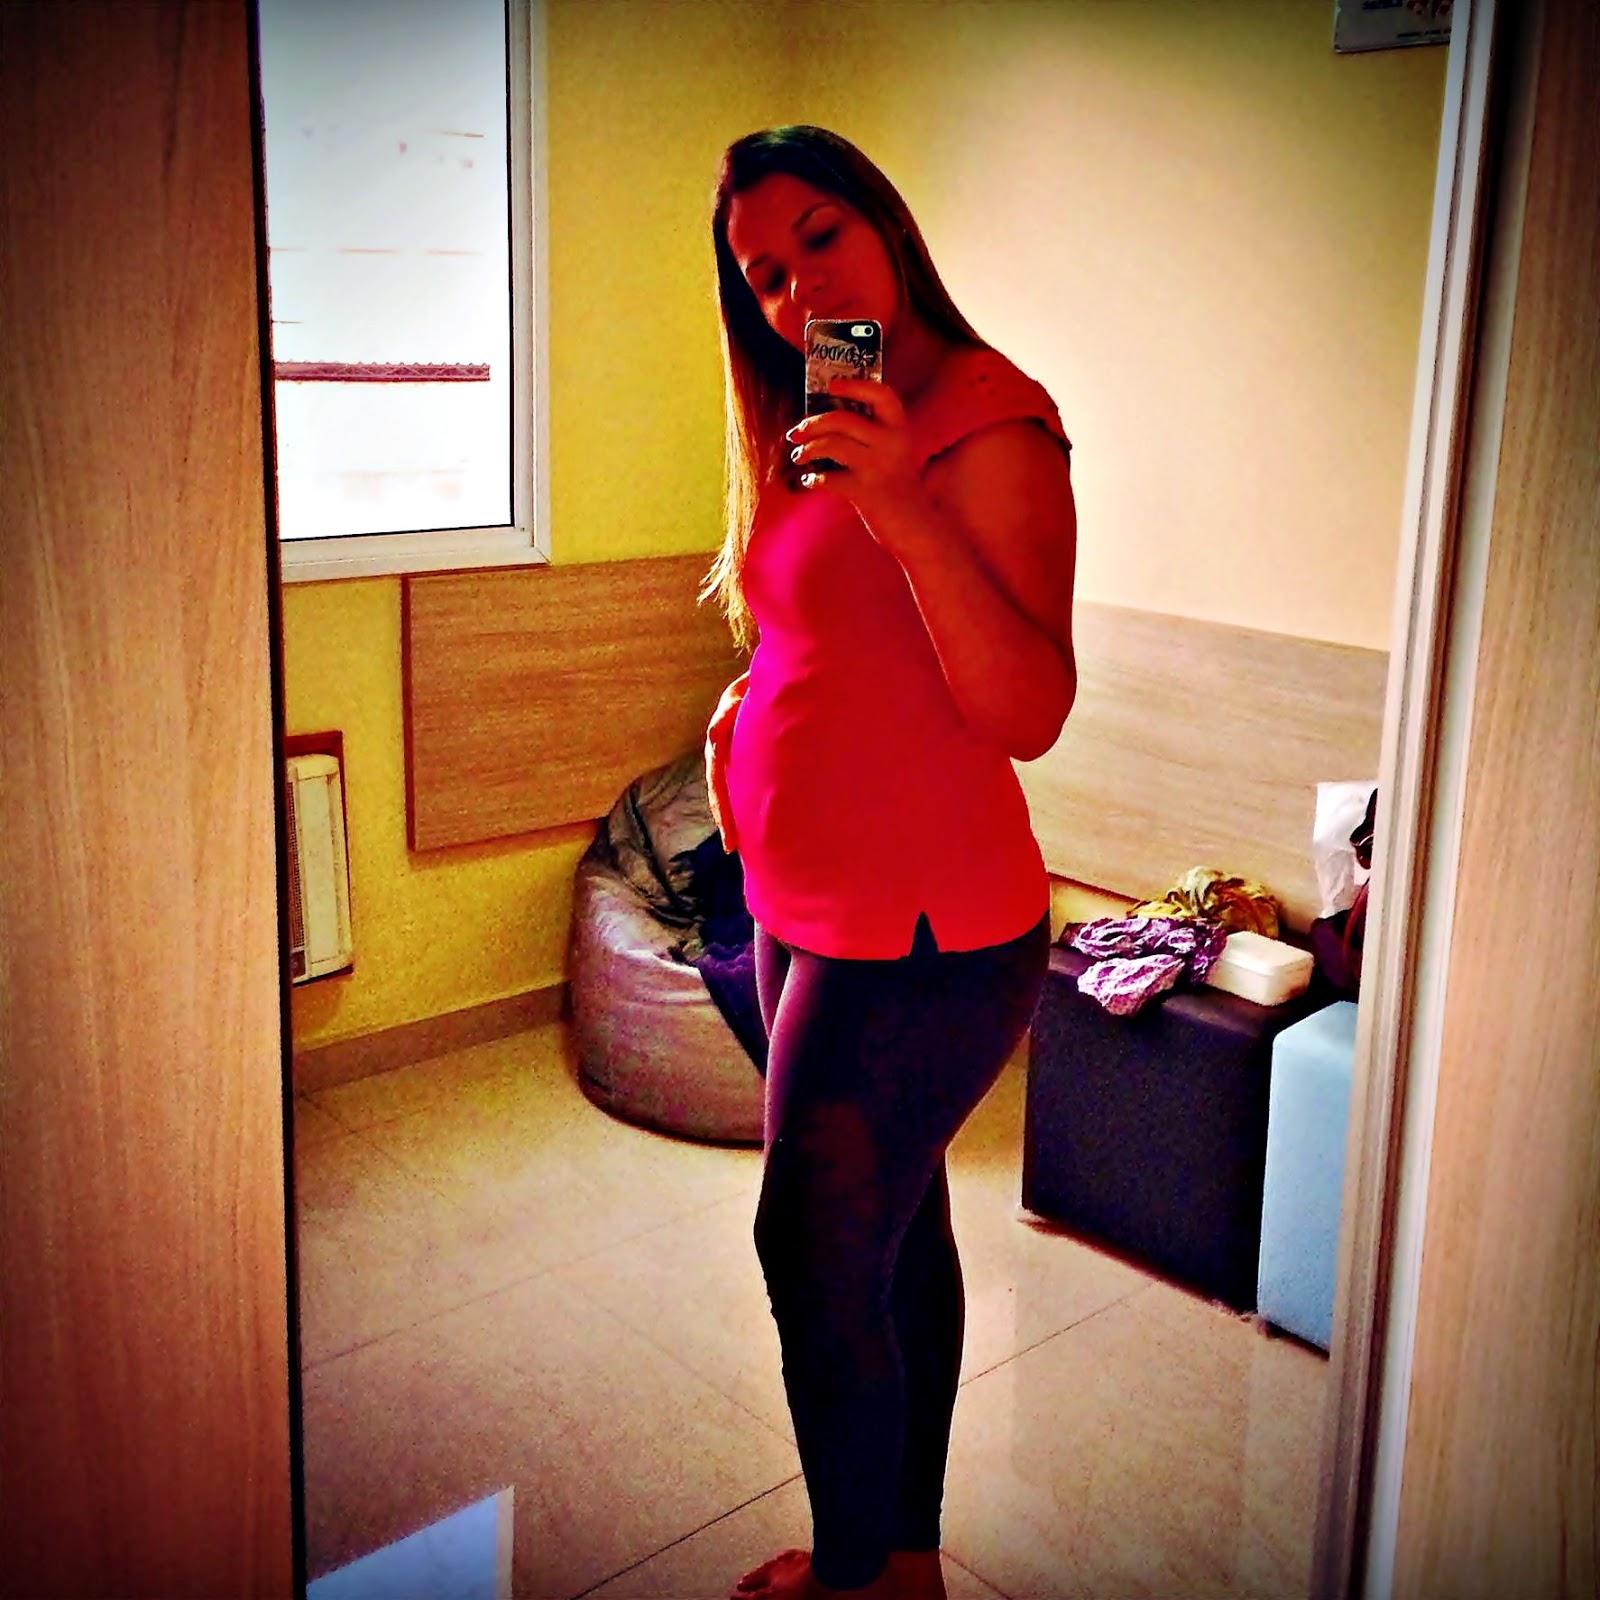 Estou grávida, e agora?